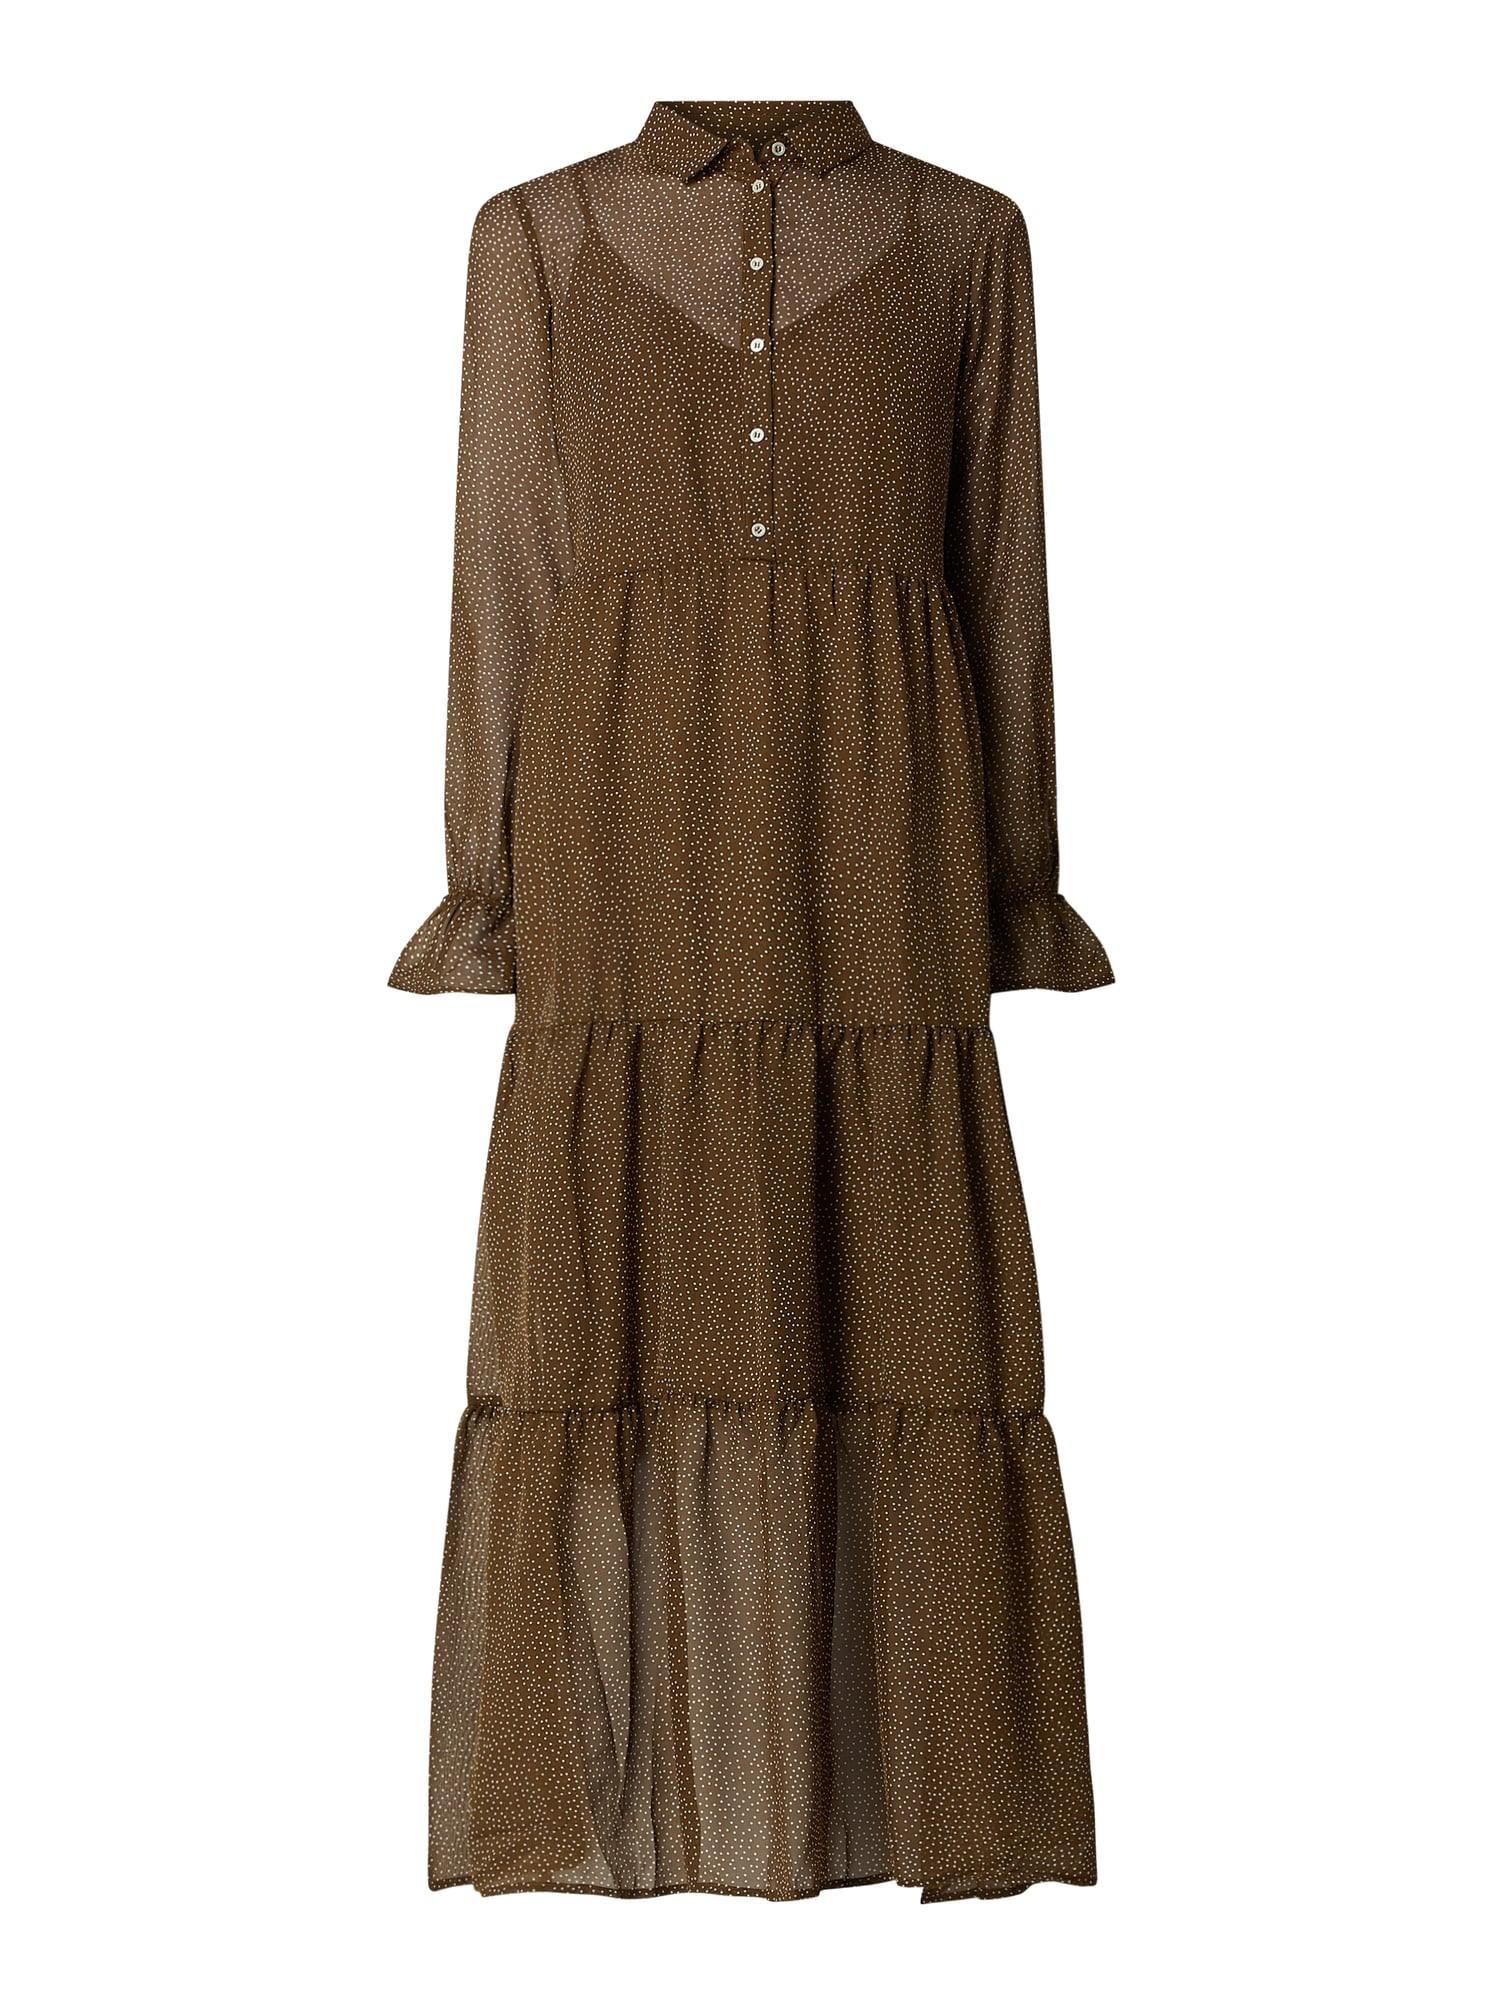 Vero Moda Kleid Aus Chiffon Mit Allovermuster In Grün